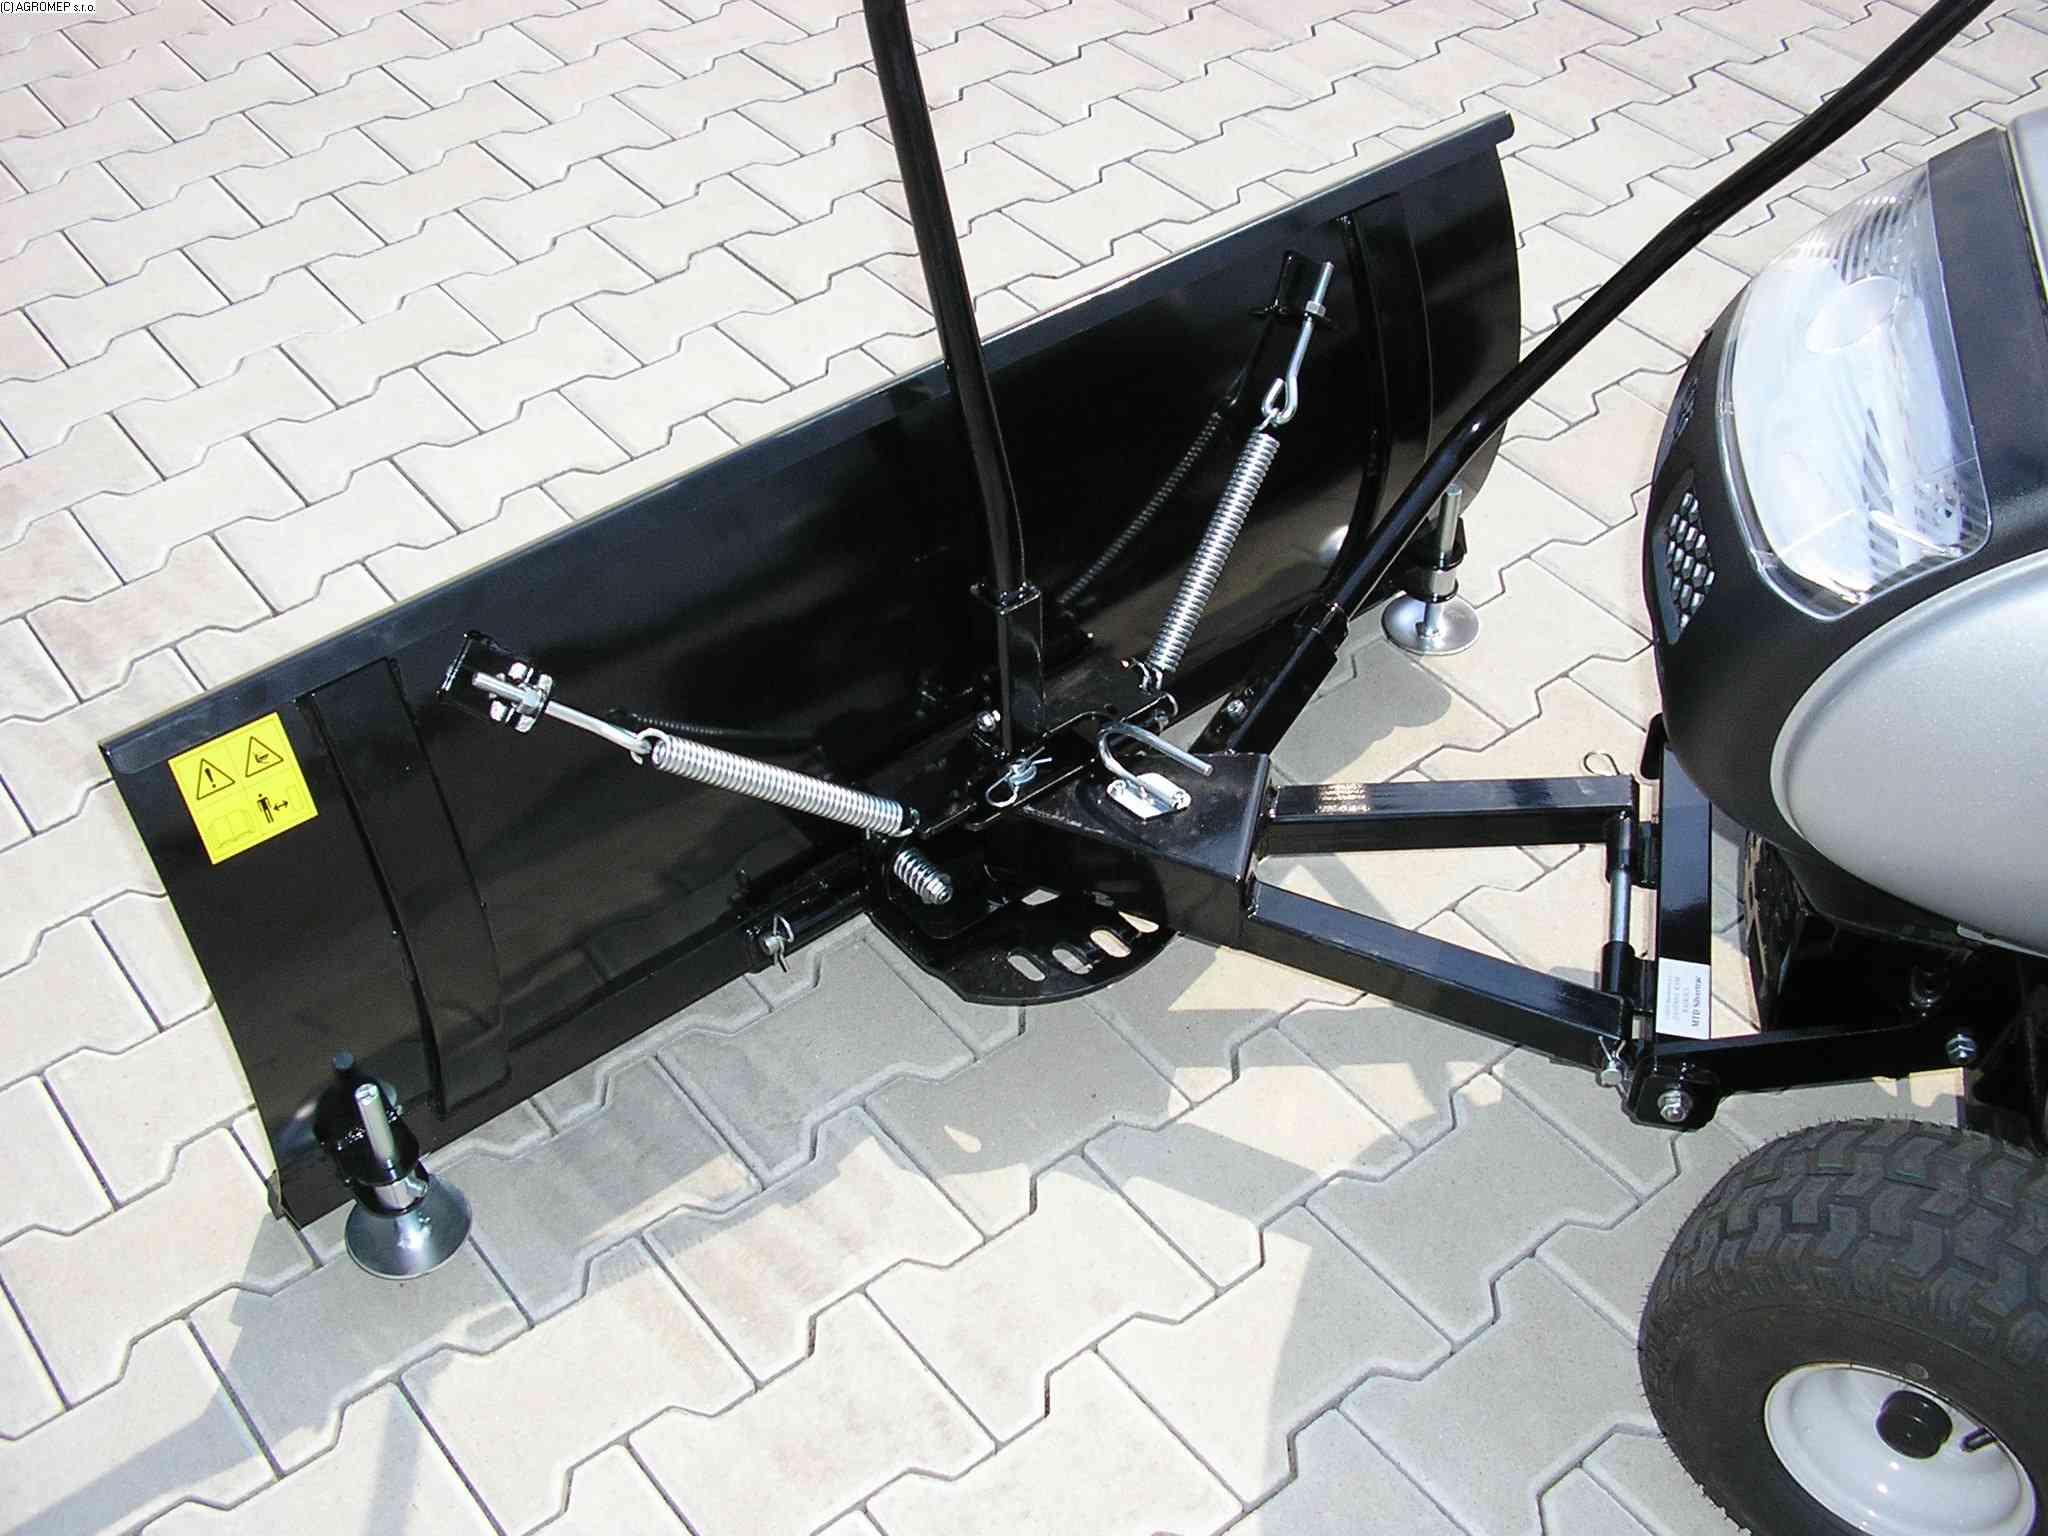 Radlice 1,0 m standard pro čtyřkolky a travní traktory